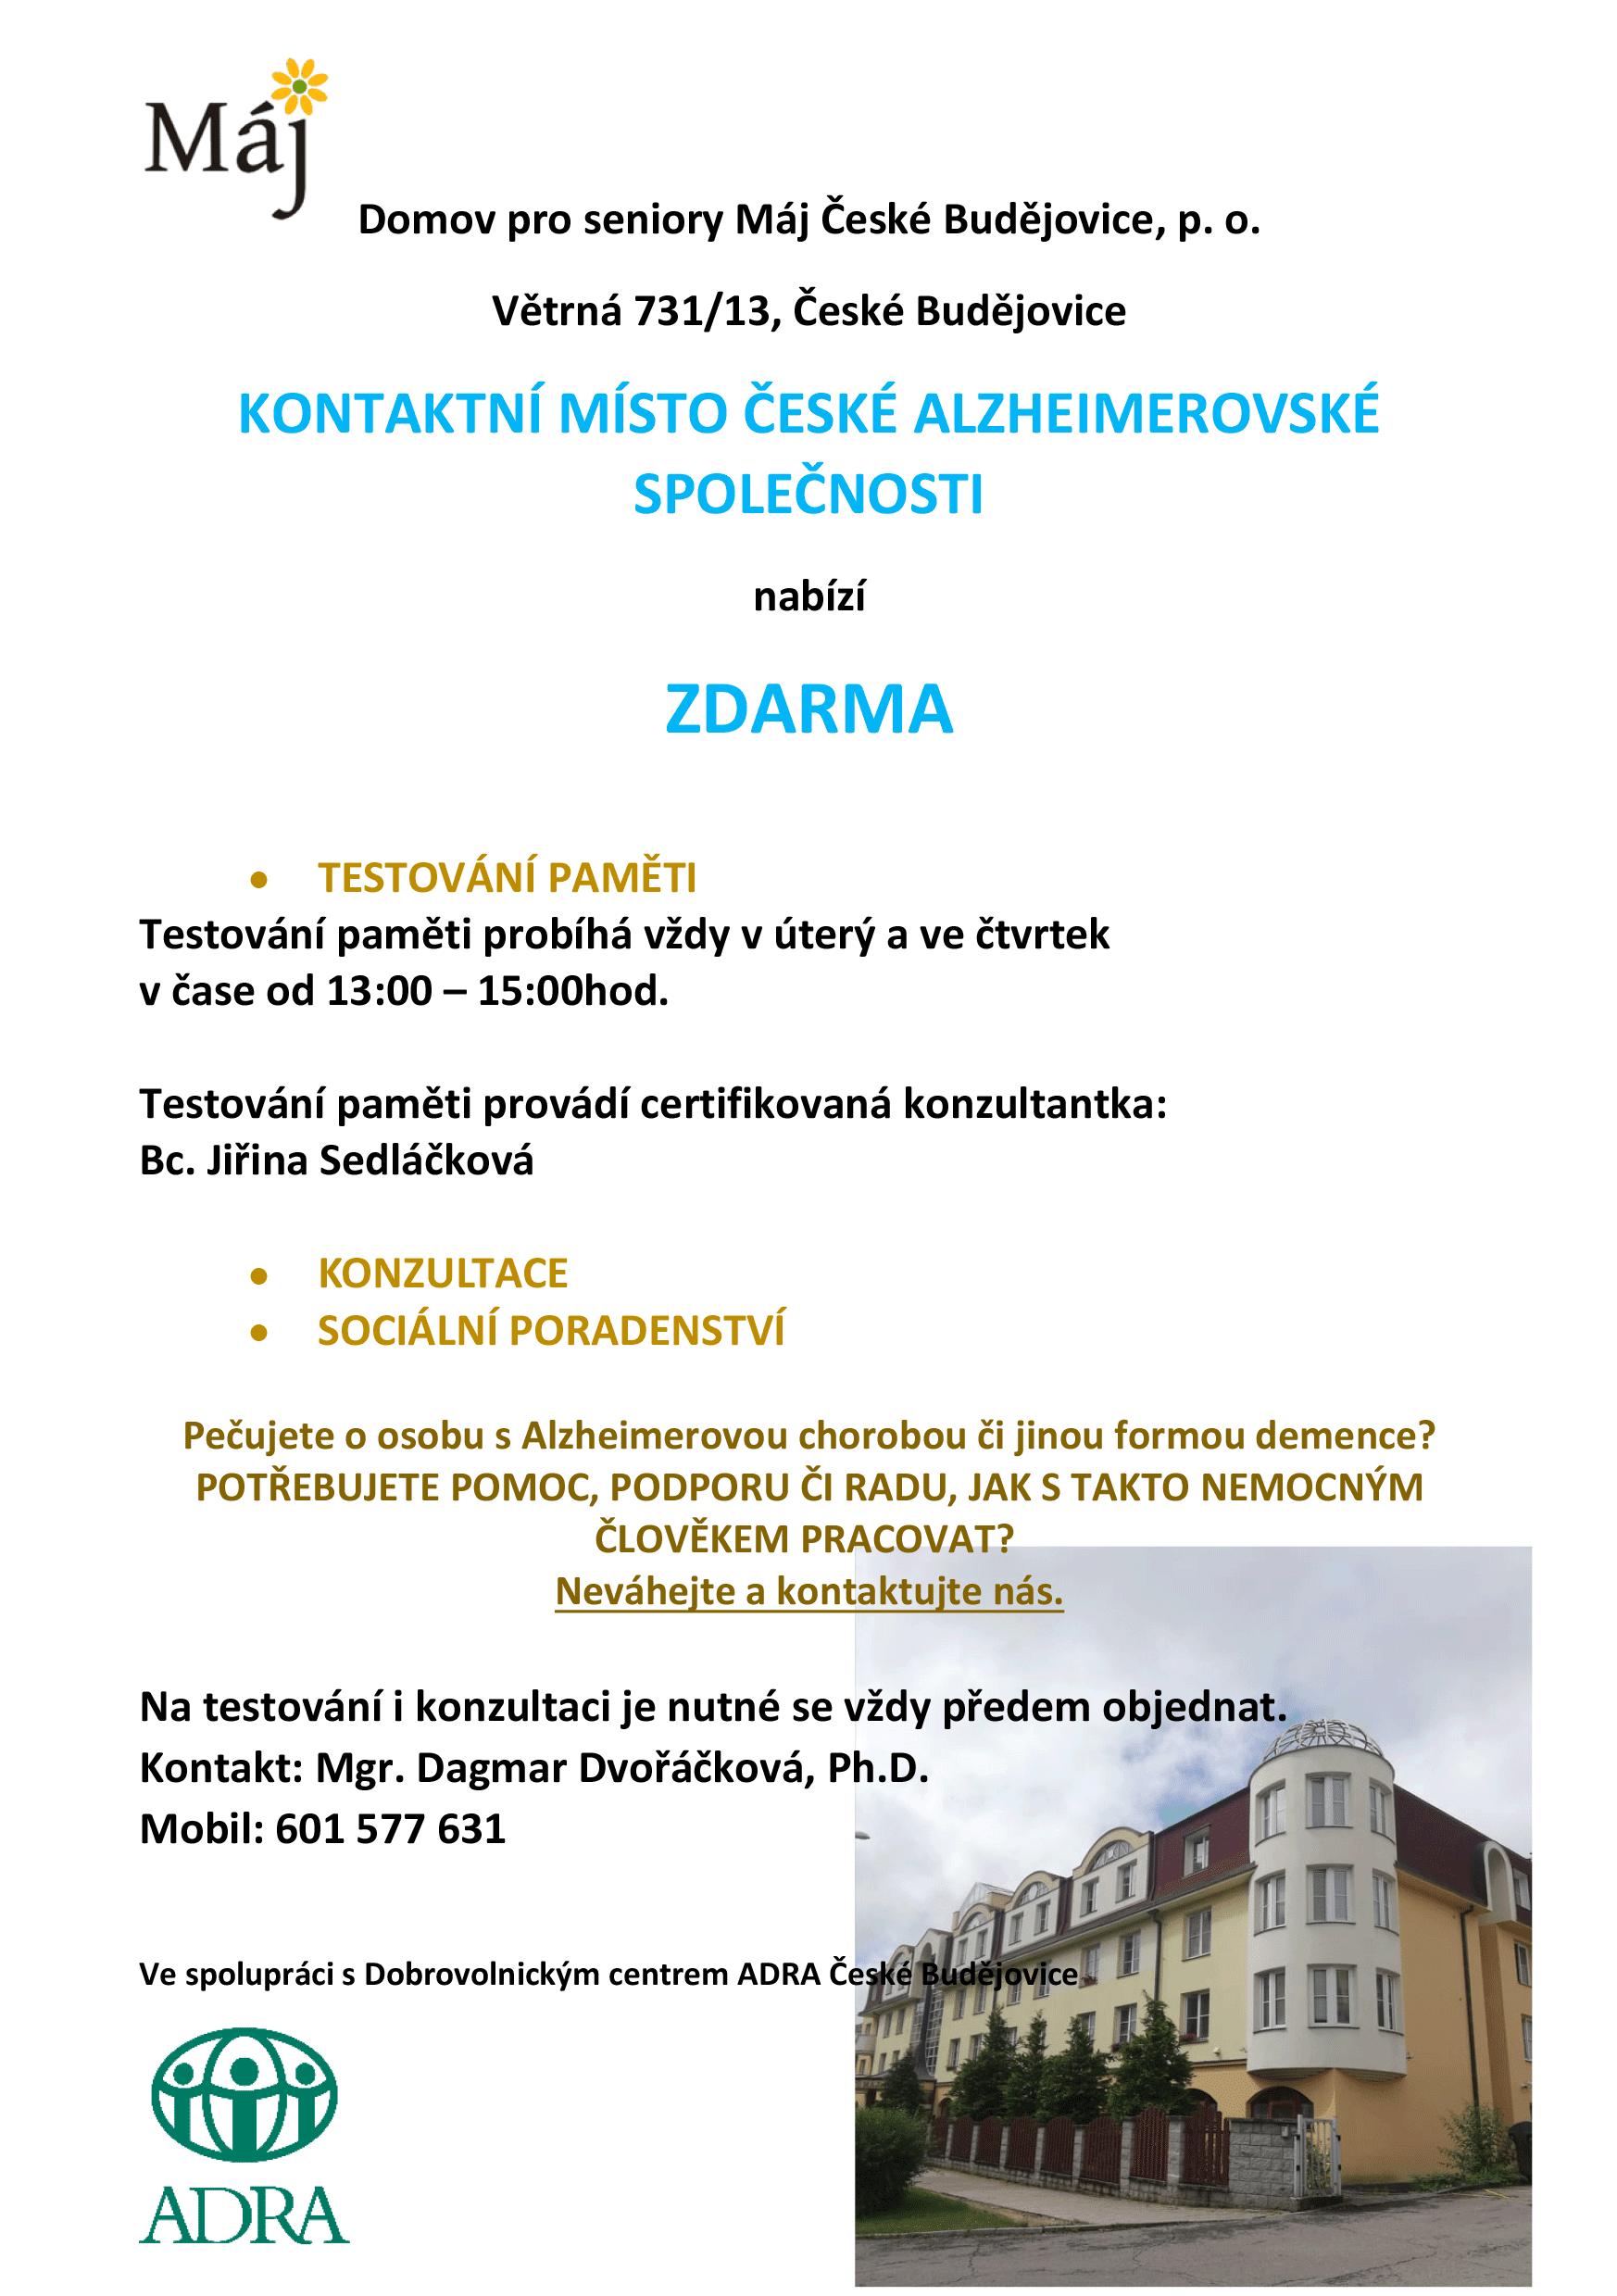 ADRA_CB_DCCB_testovani_pameti_Alzheimer